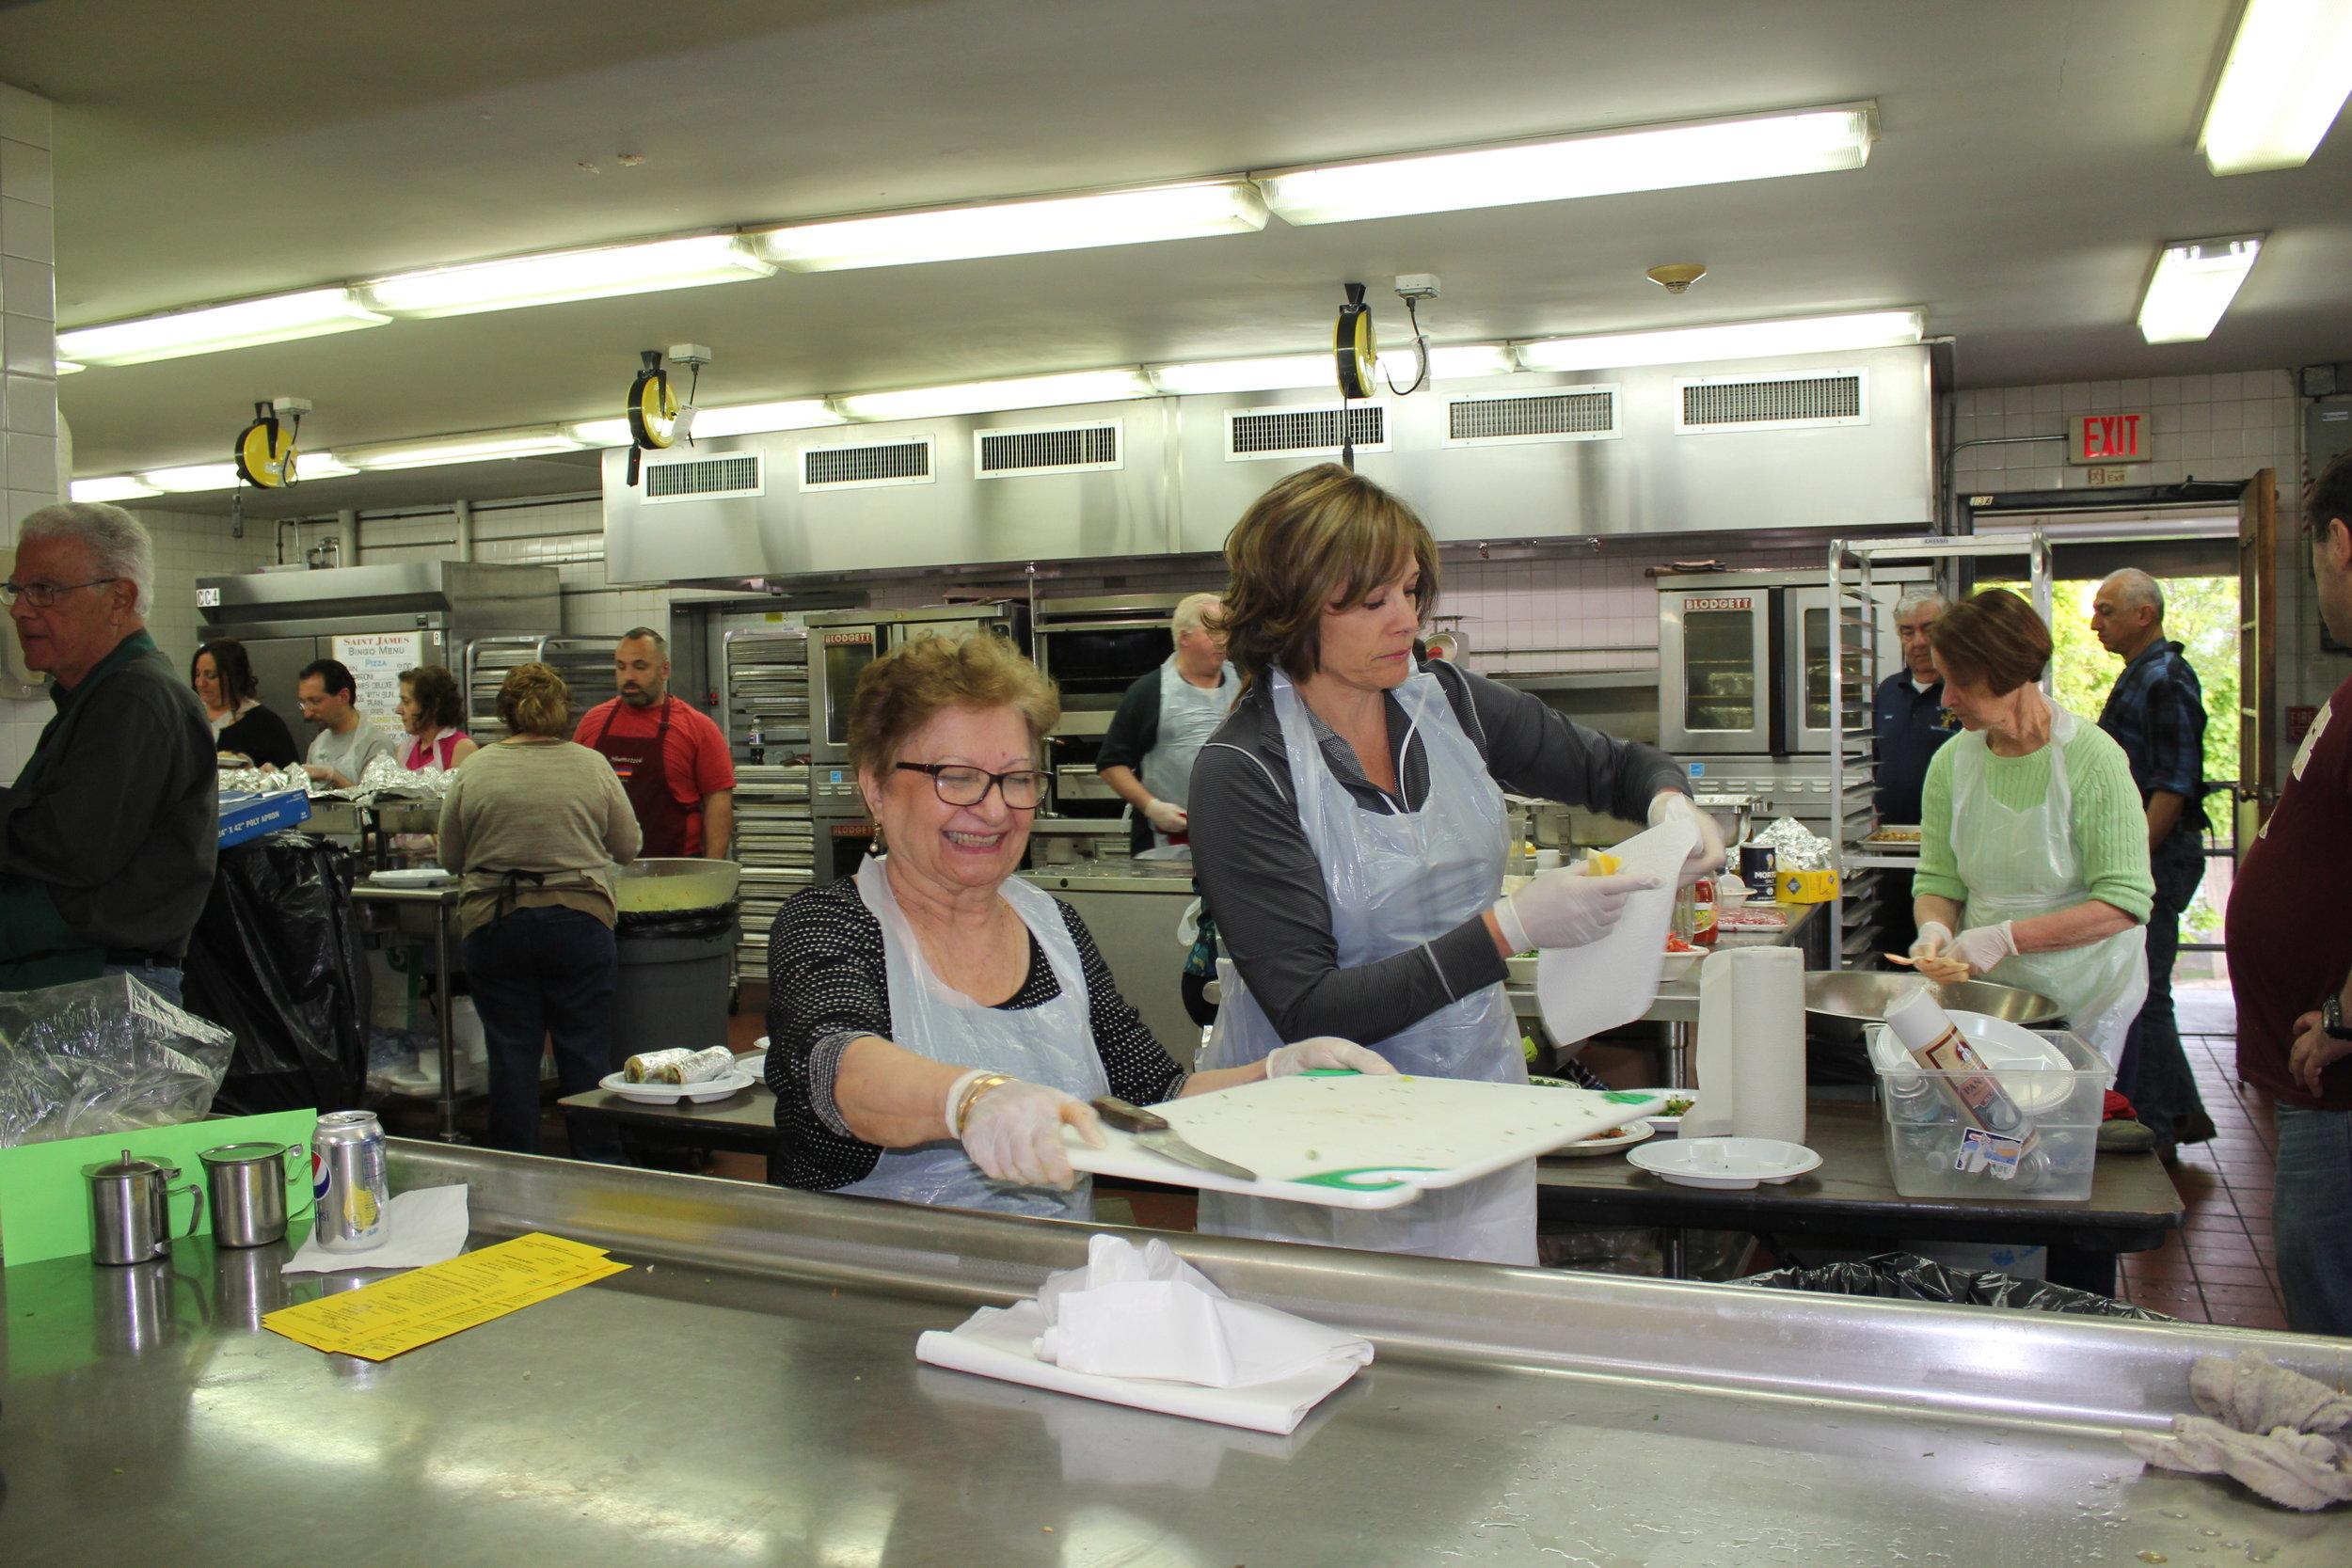 Making dinner at Hye Café, St James.